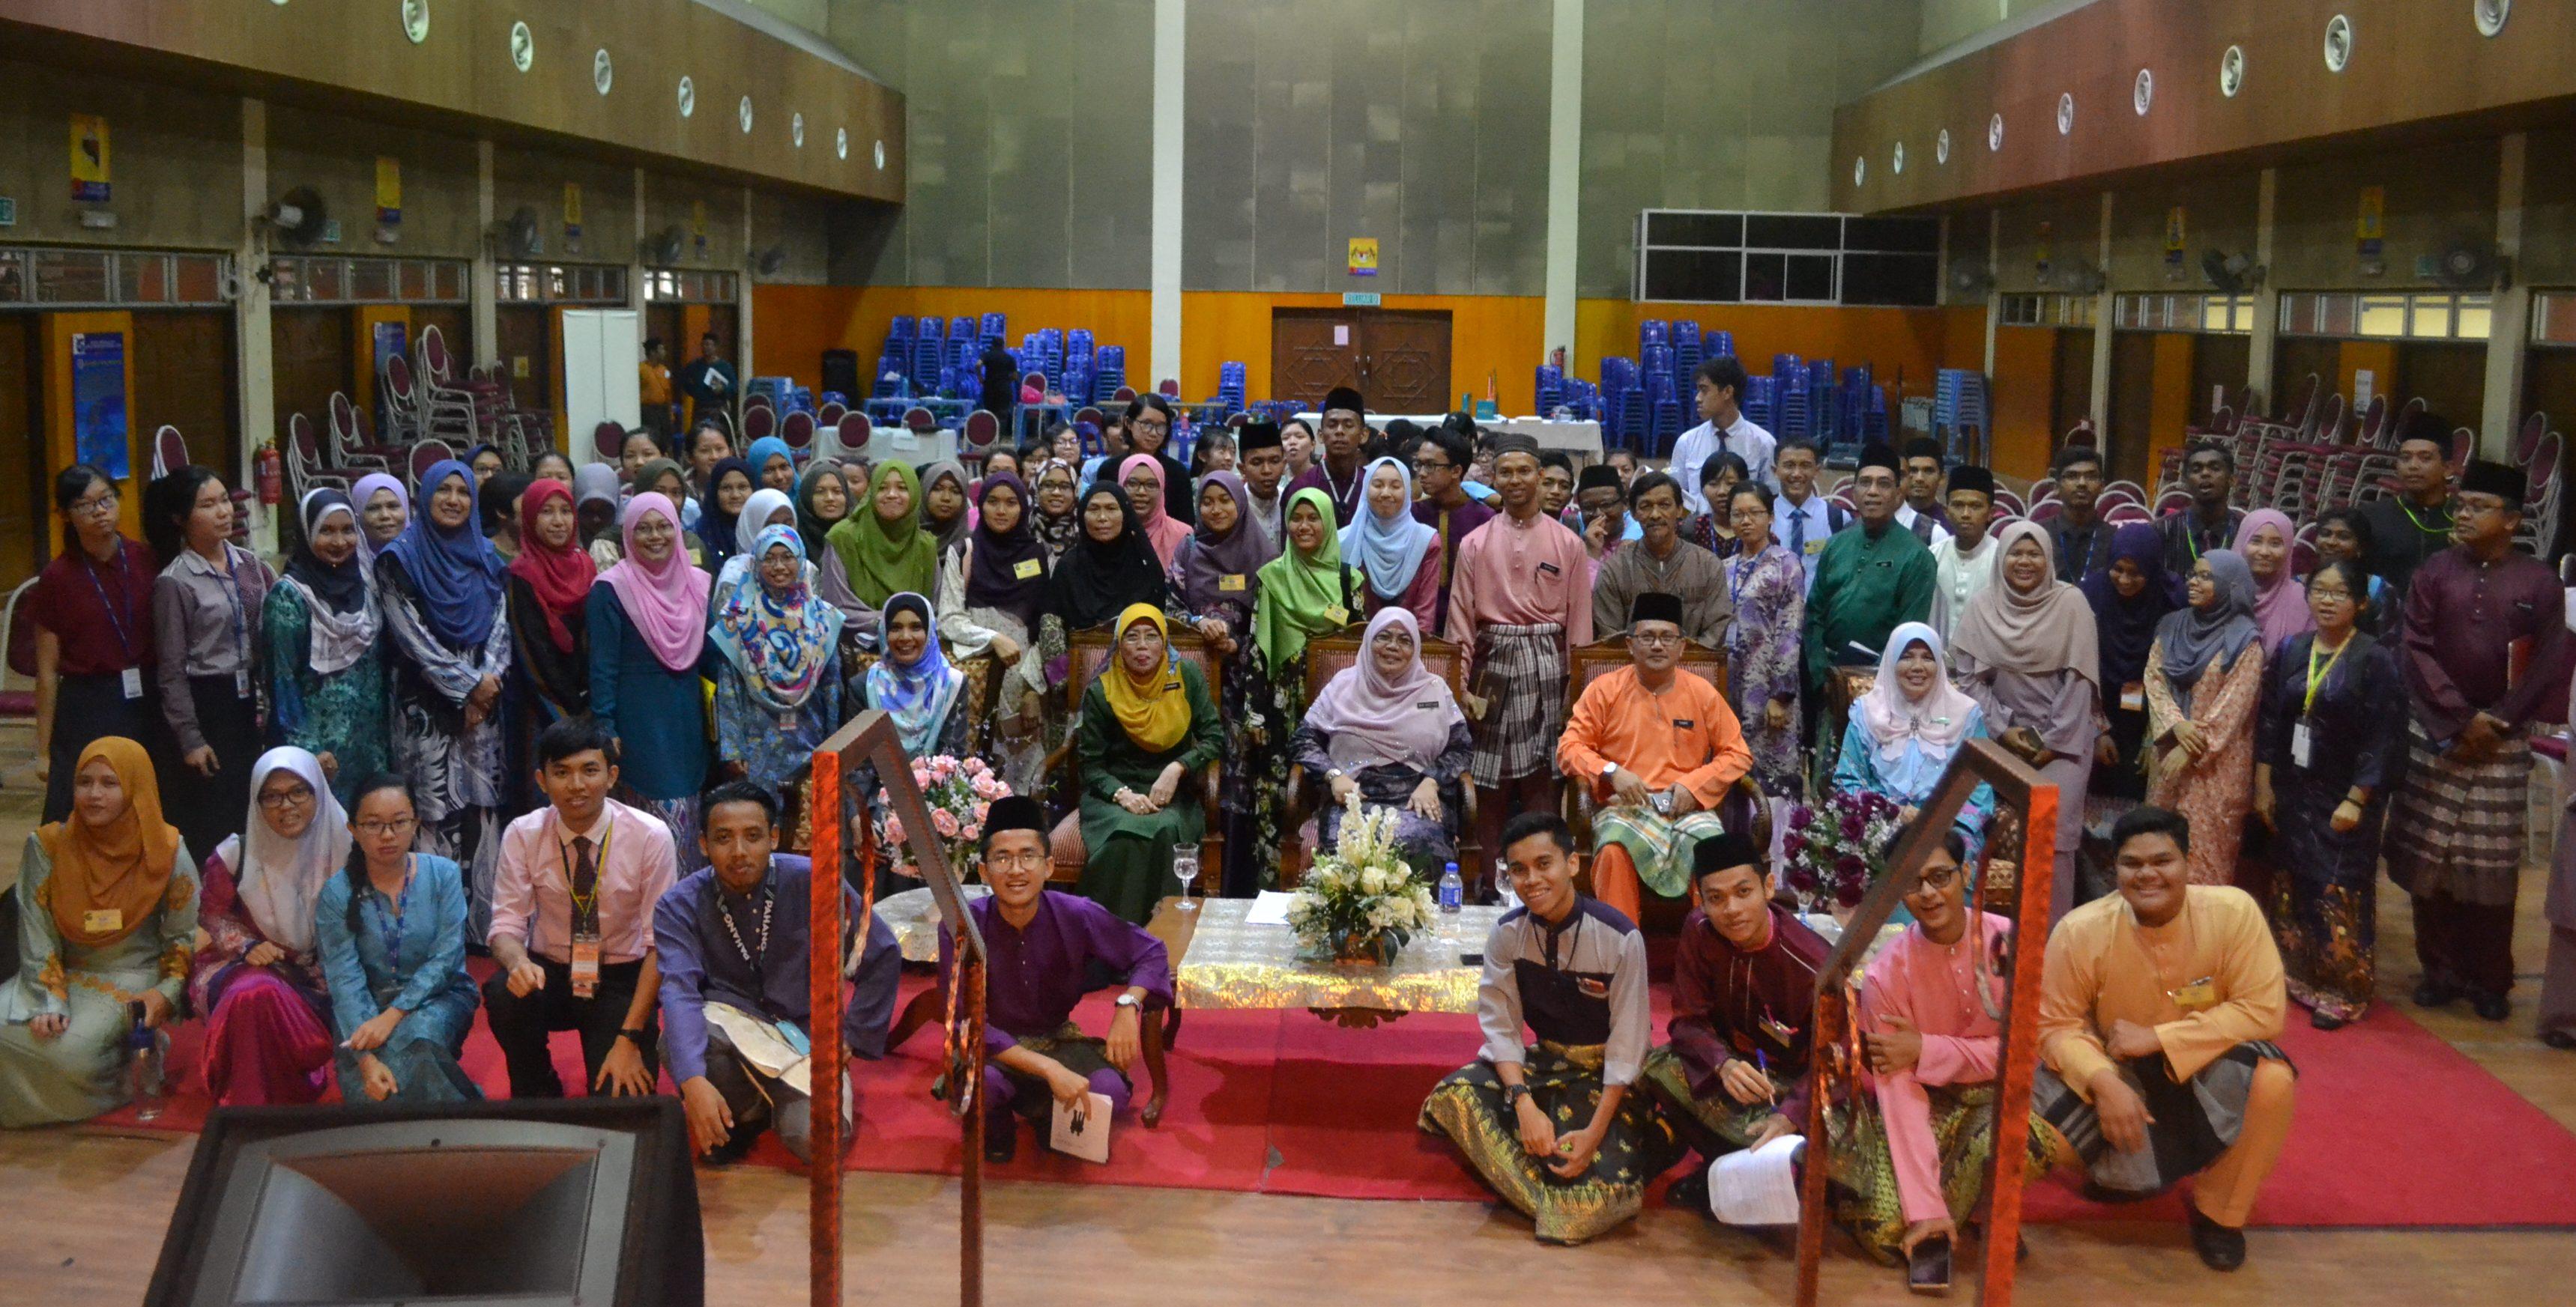 Kursus Transformasi Penampilan Dalam Pembentukan Imej Profesional   IPG Kampus Temenggong Ibrahim Johor   20 Julai 2017